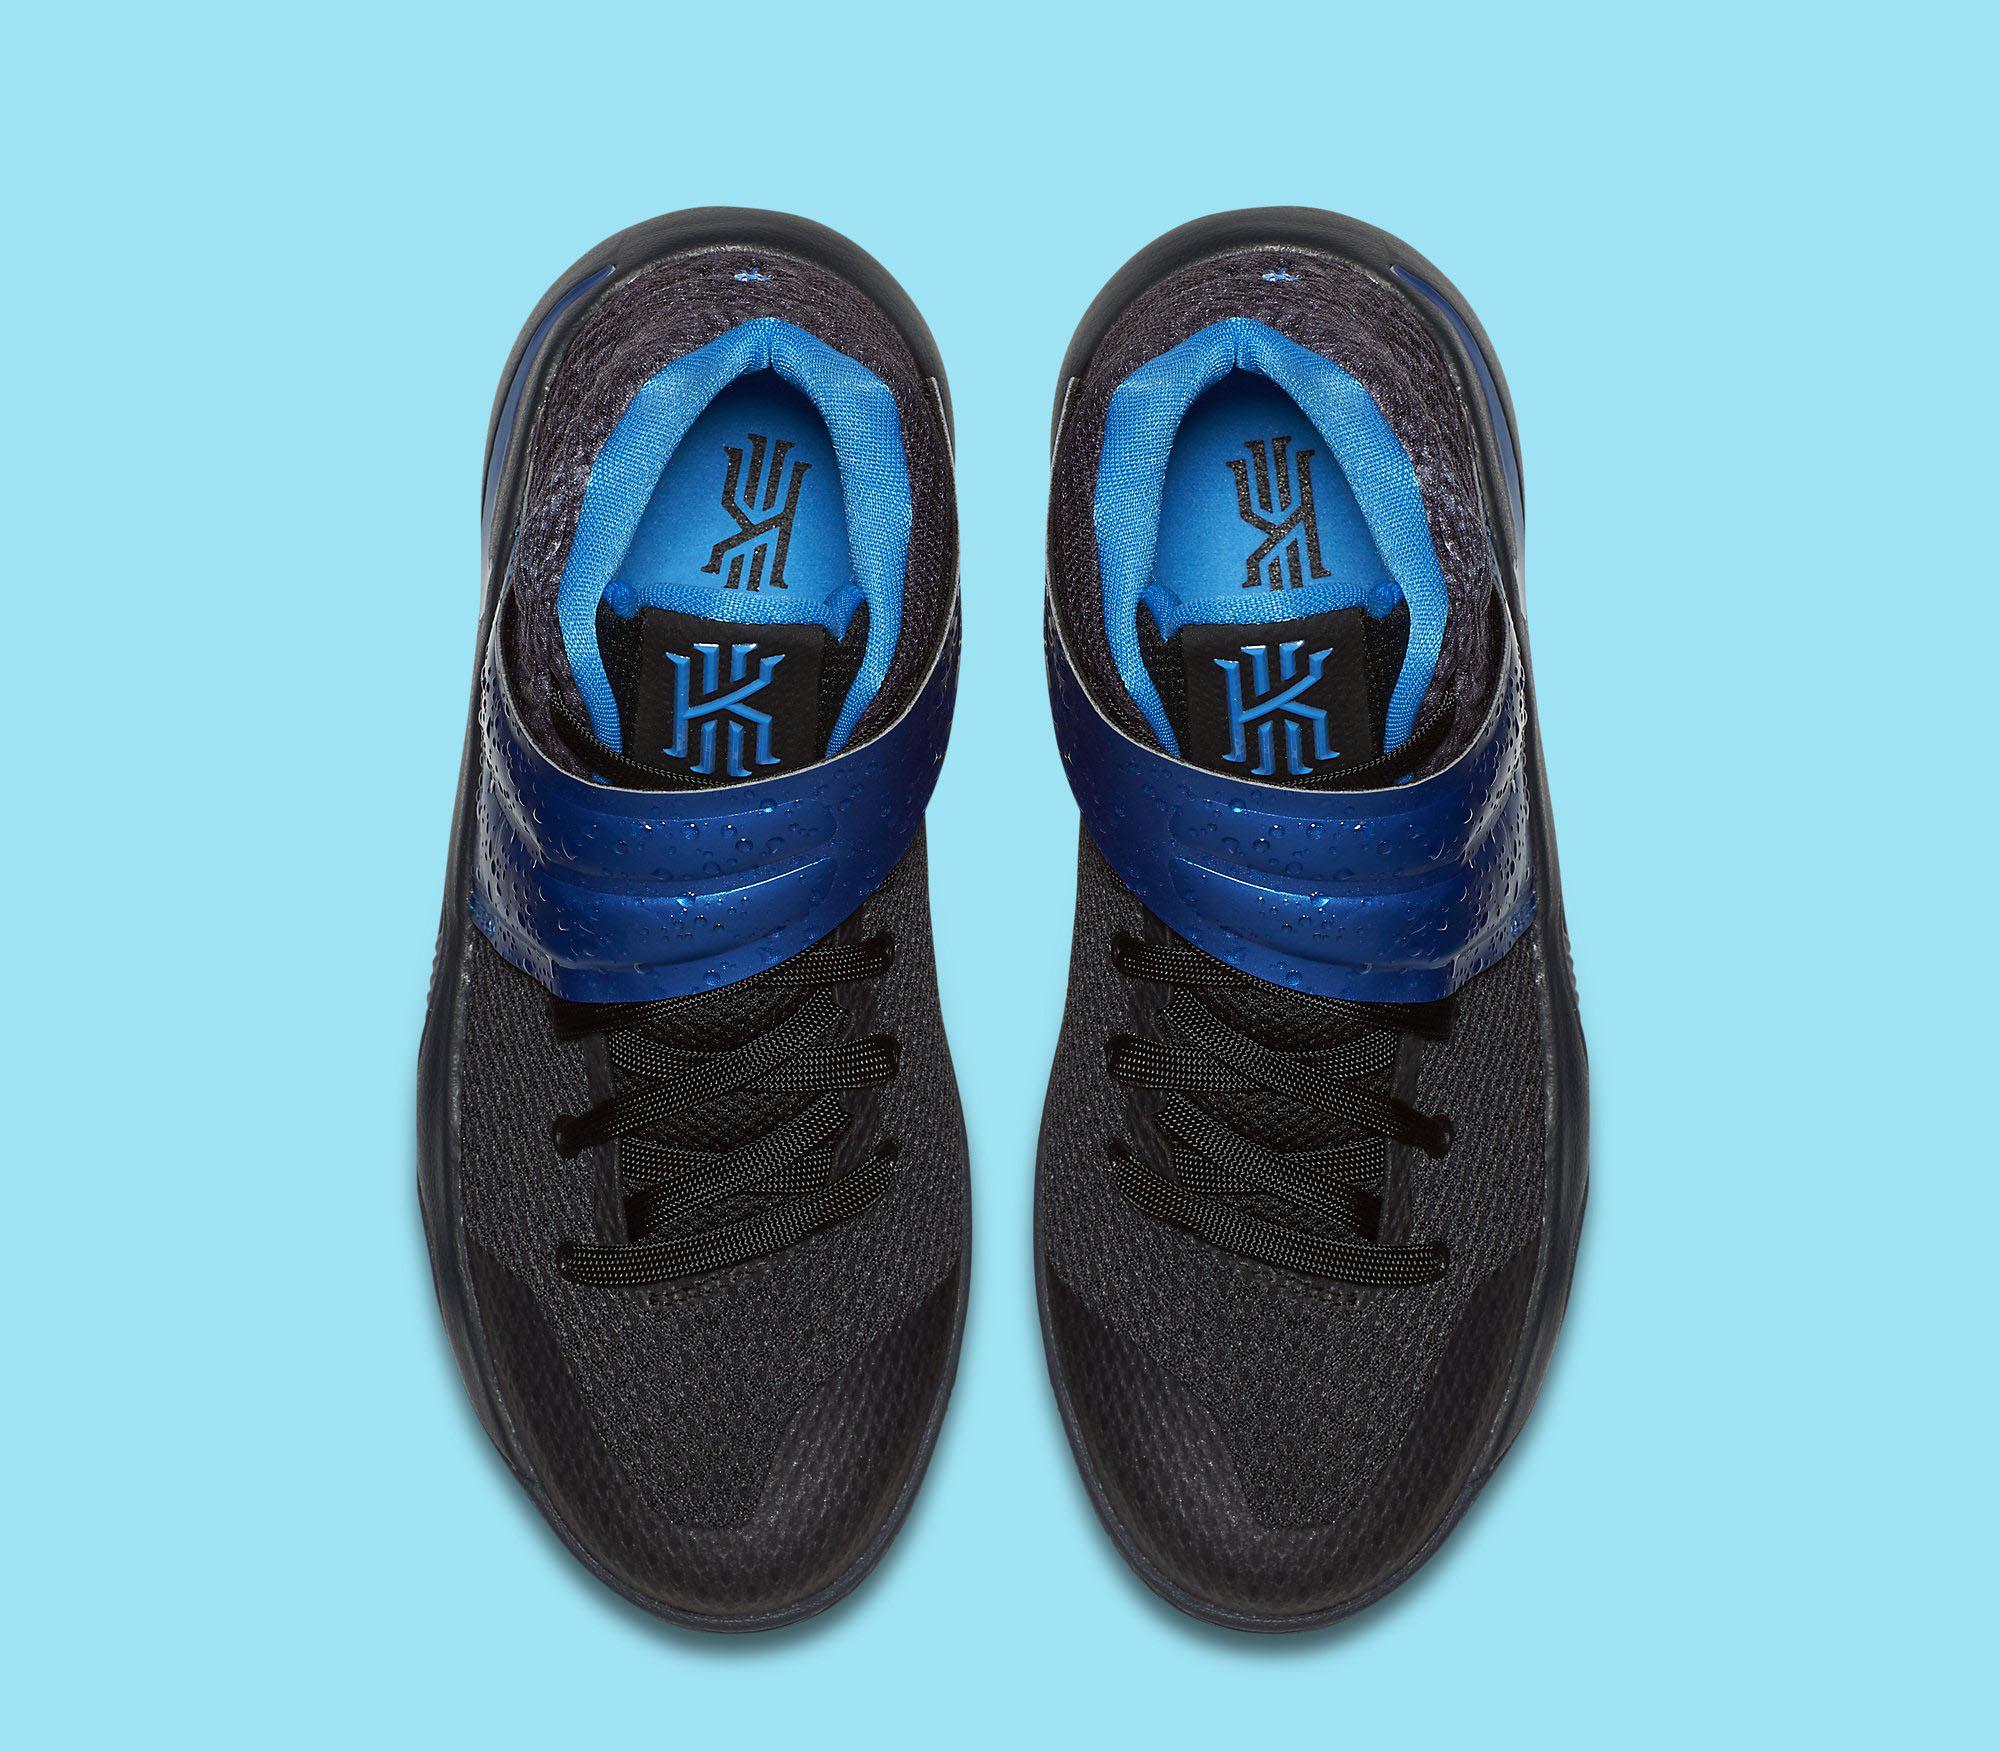 huge selection of 6ac4f 4090a ... Kyrie 2 GS Image via Nike ...